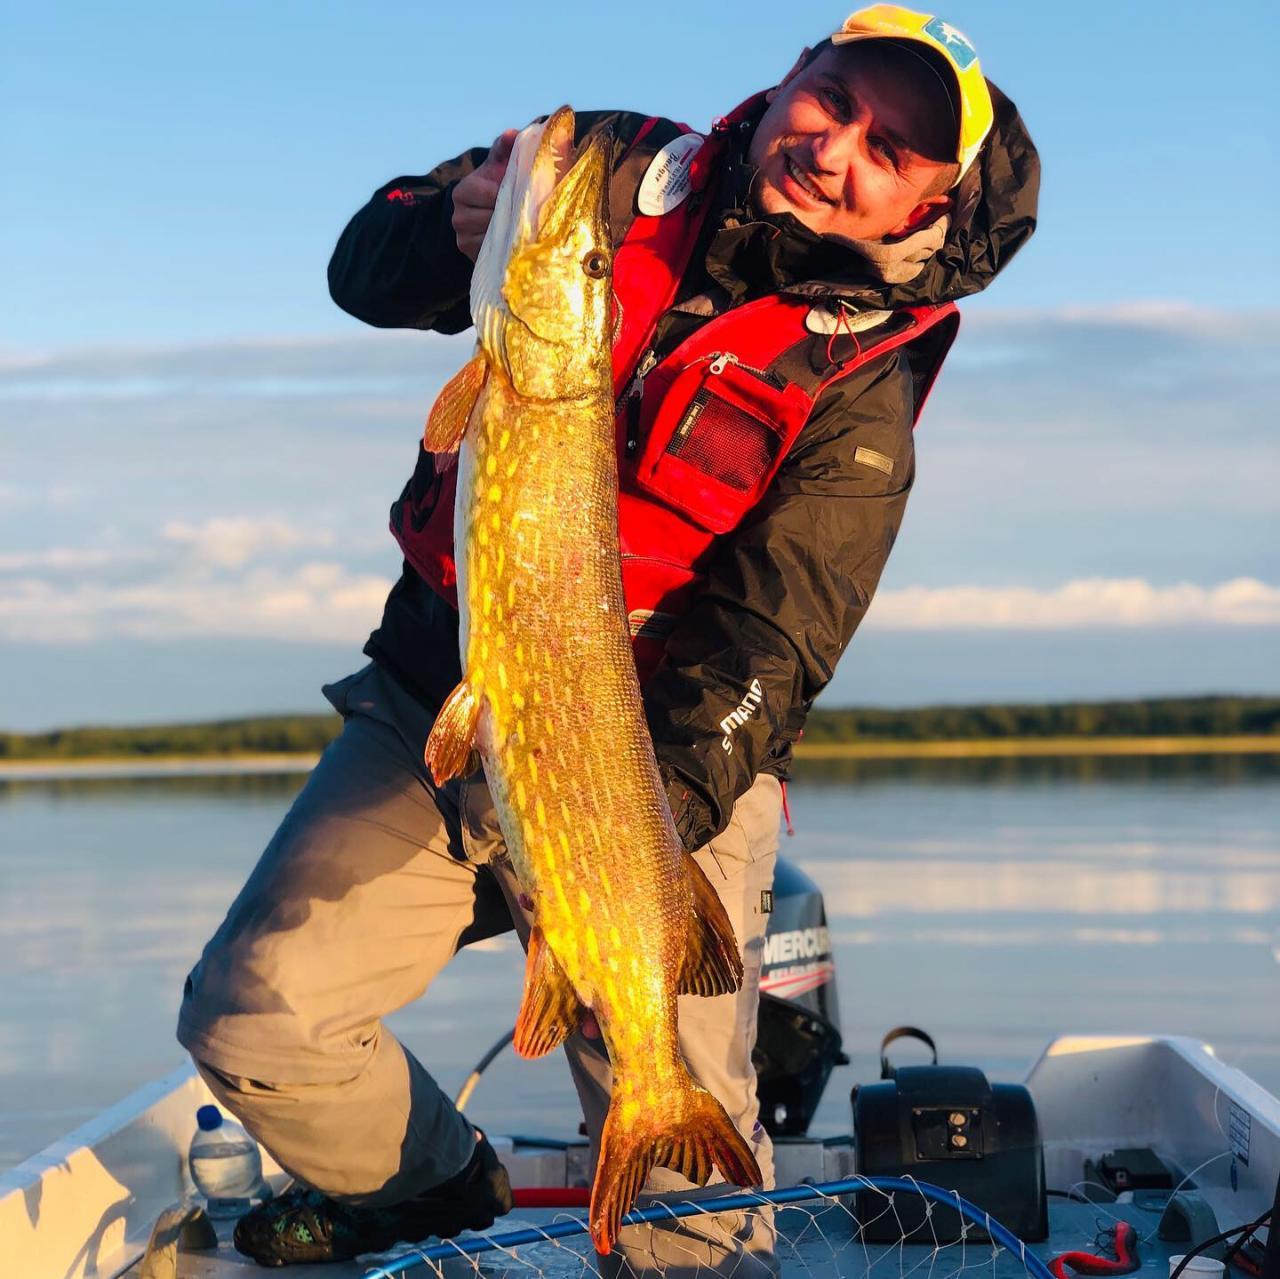 Вечер субботыприехали на ночь, первая поклёвка в раене ... | Отчеты о рыбалке в Беларуси